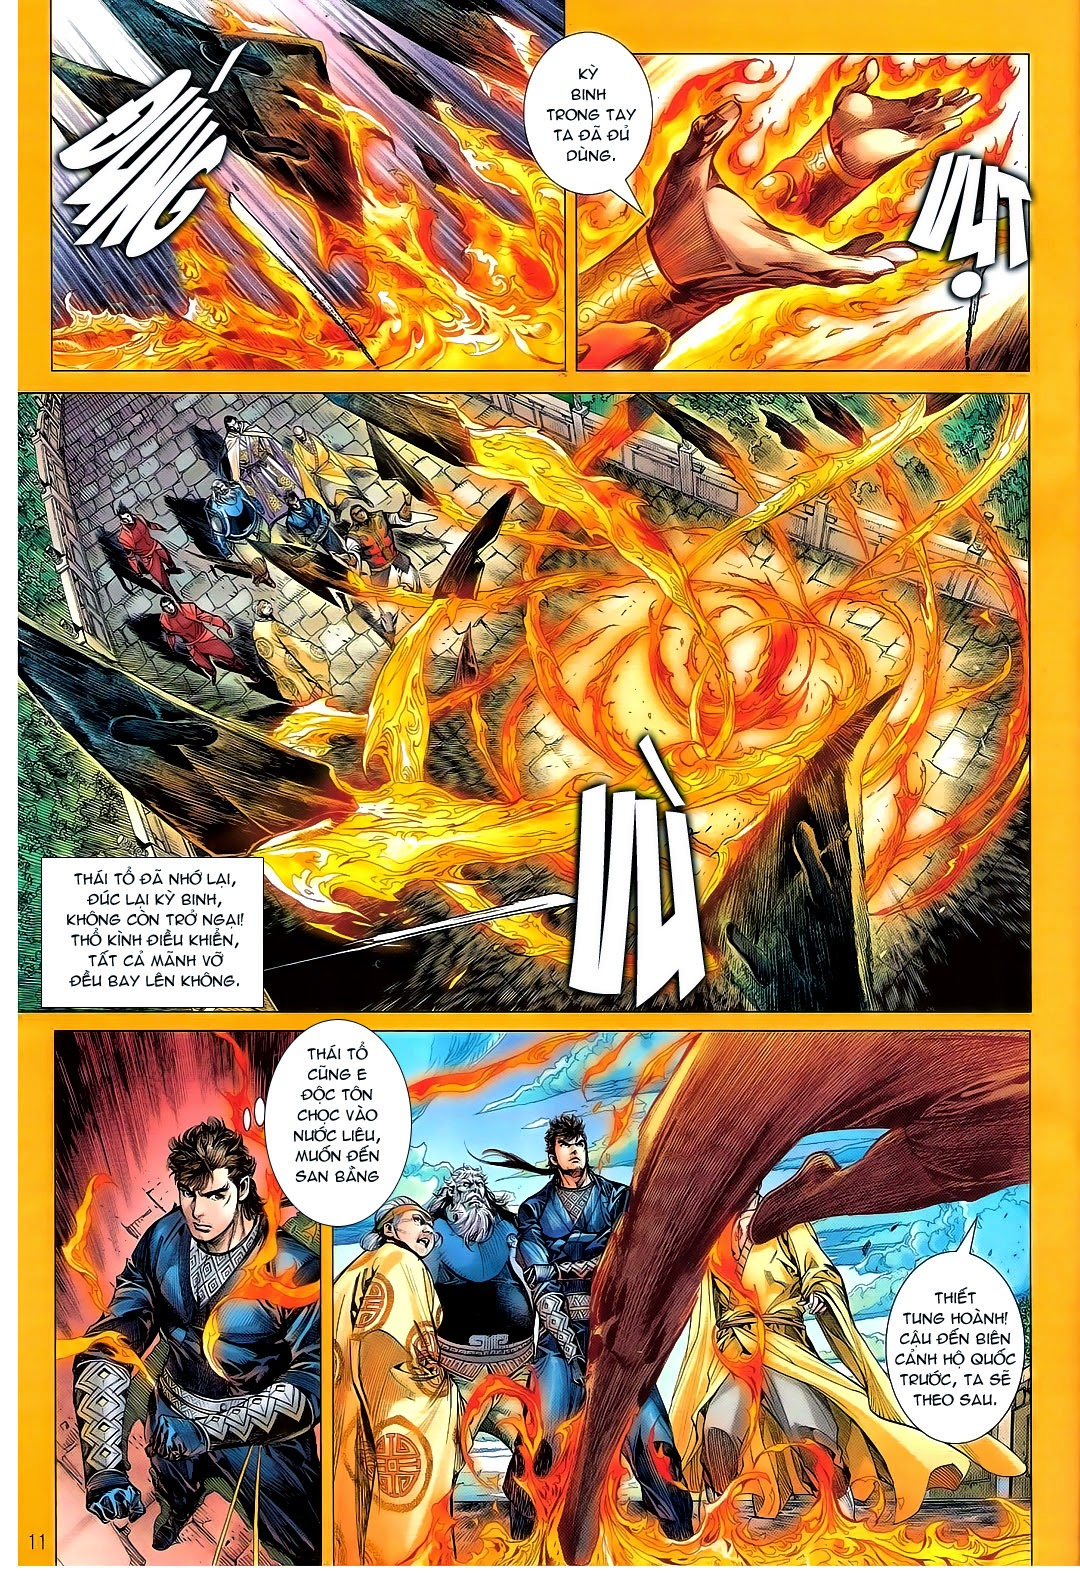 tuoithodudoi.com thiet tuong tung hoanh chap 112